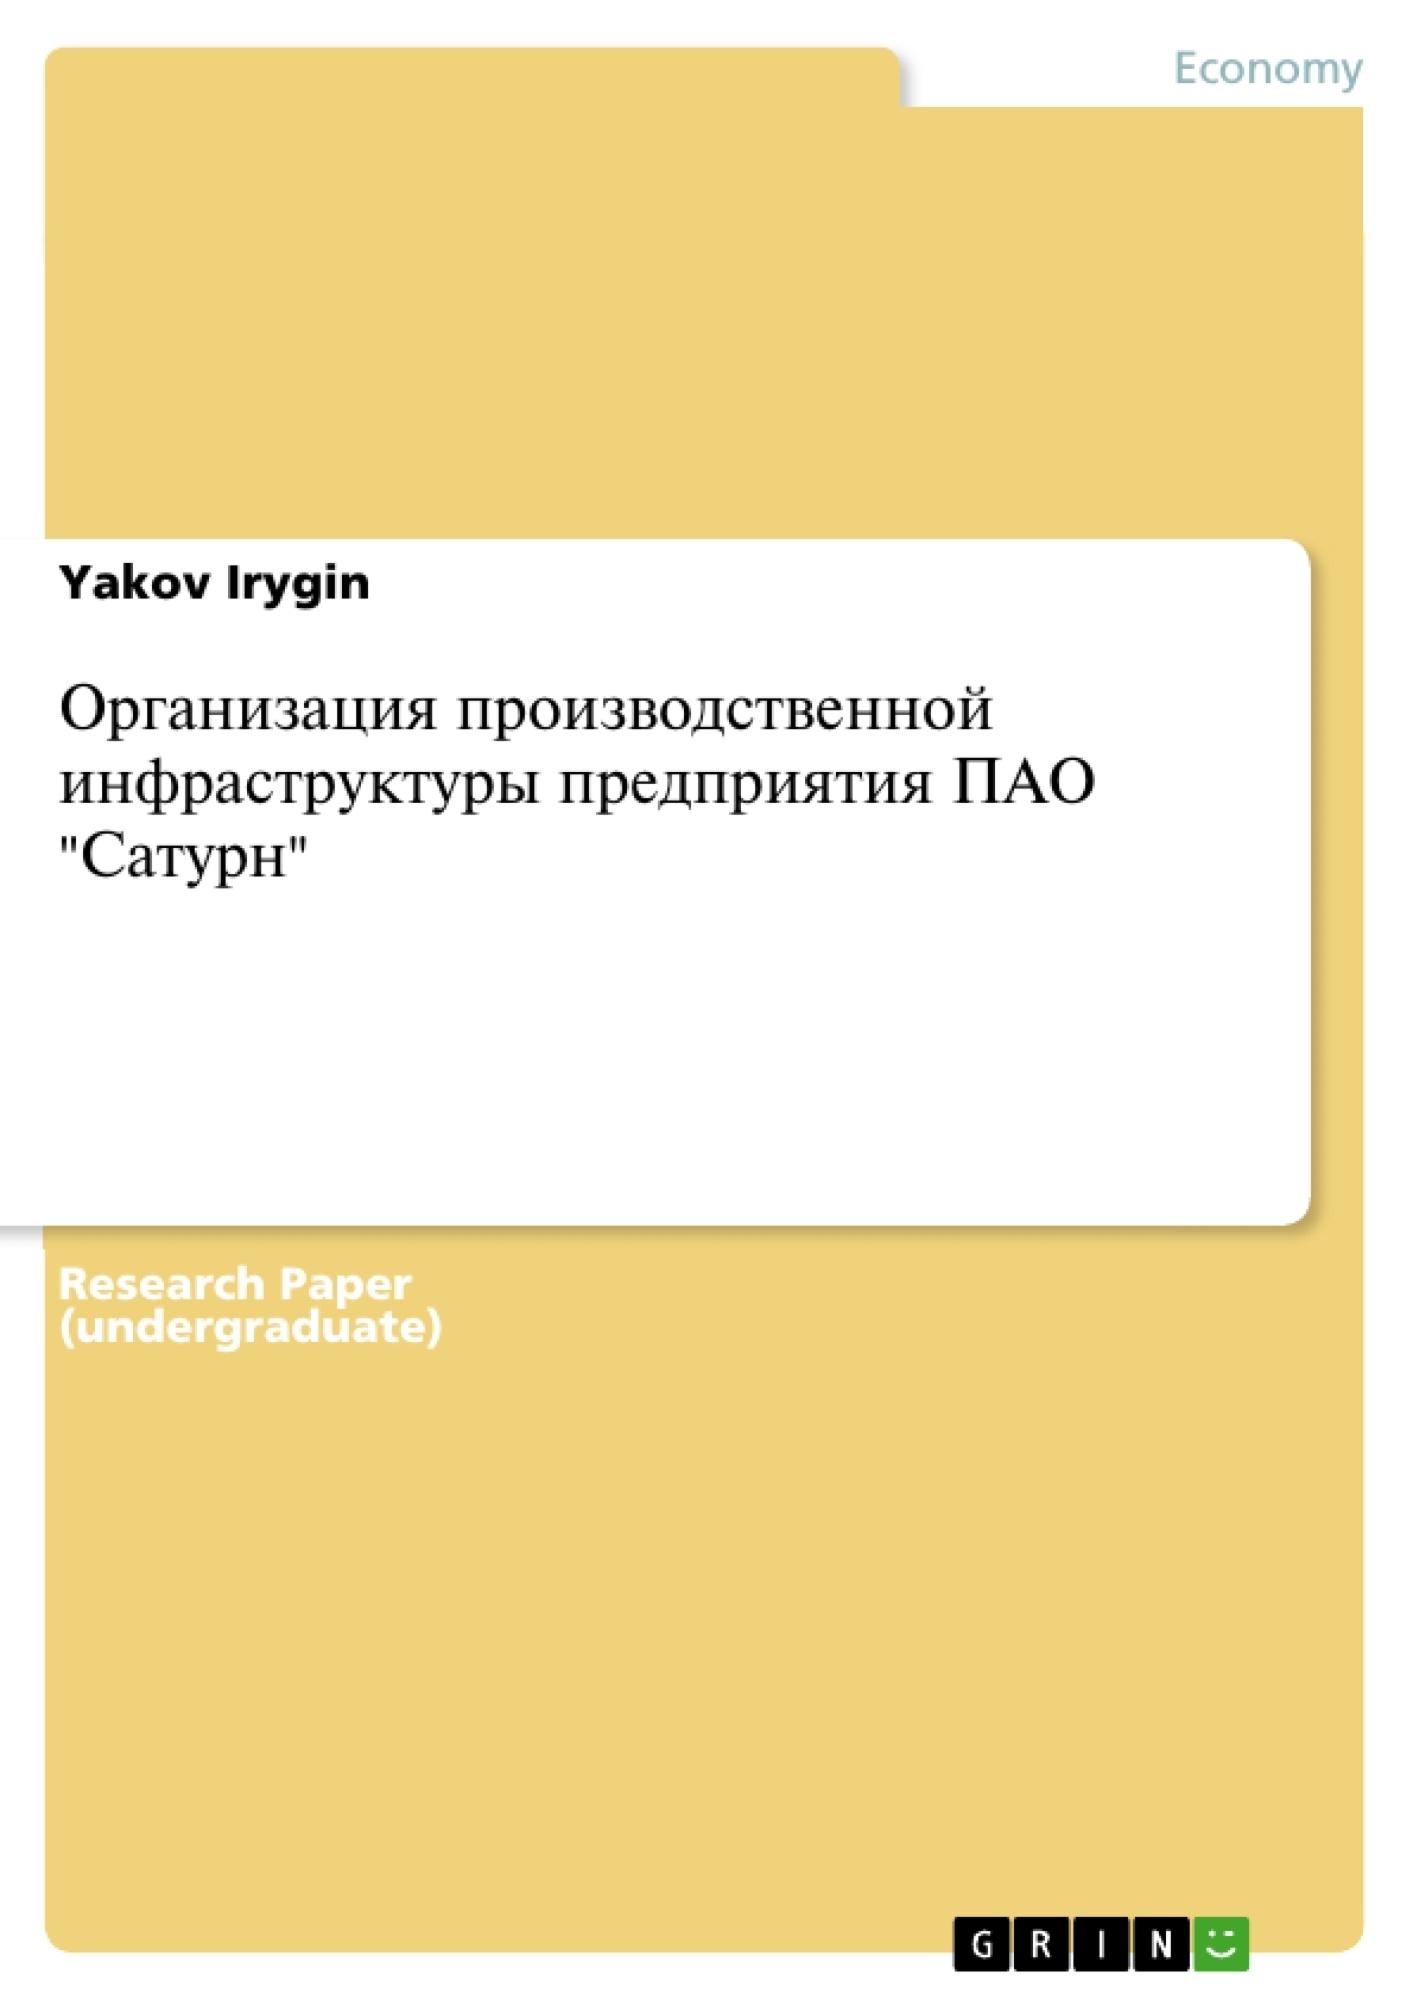 """Title: Организация производственной инфраструктуры предприятия ПАО """"Сатурн"""""""